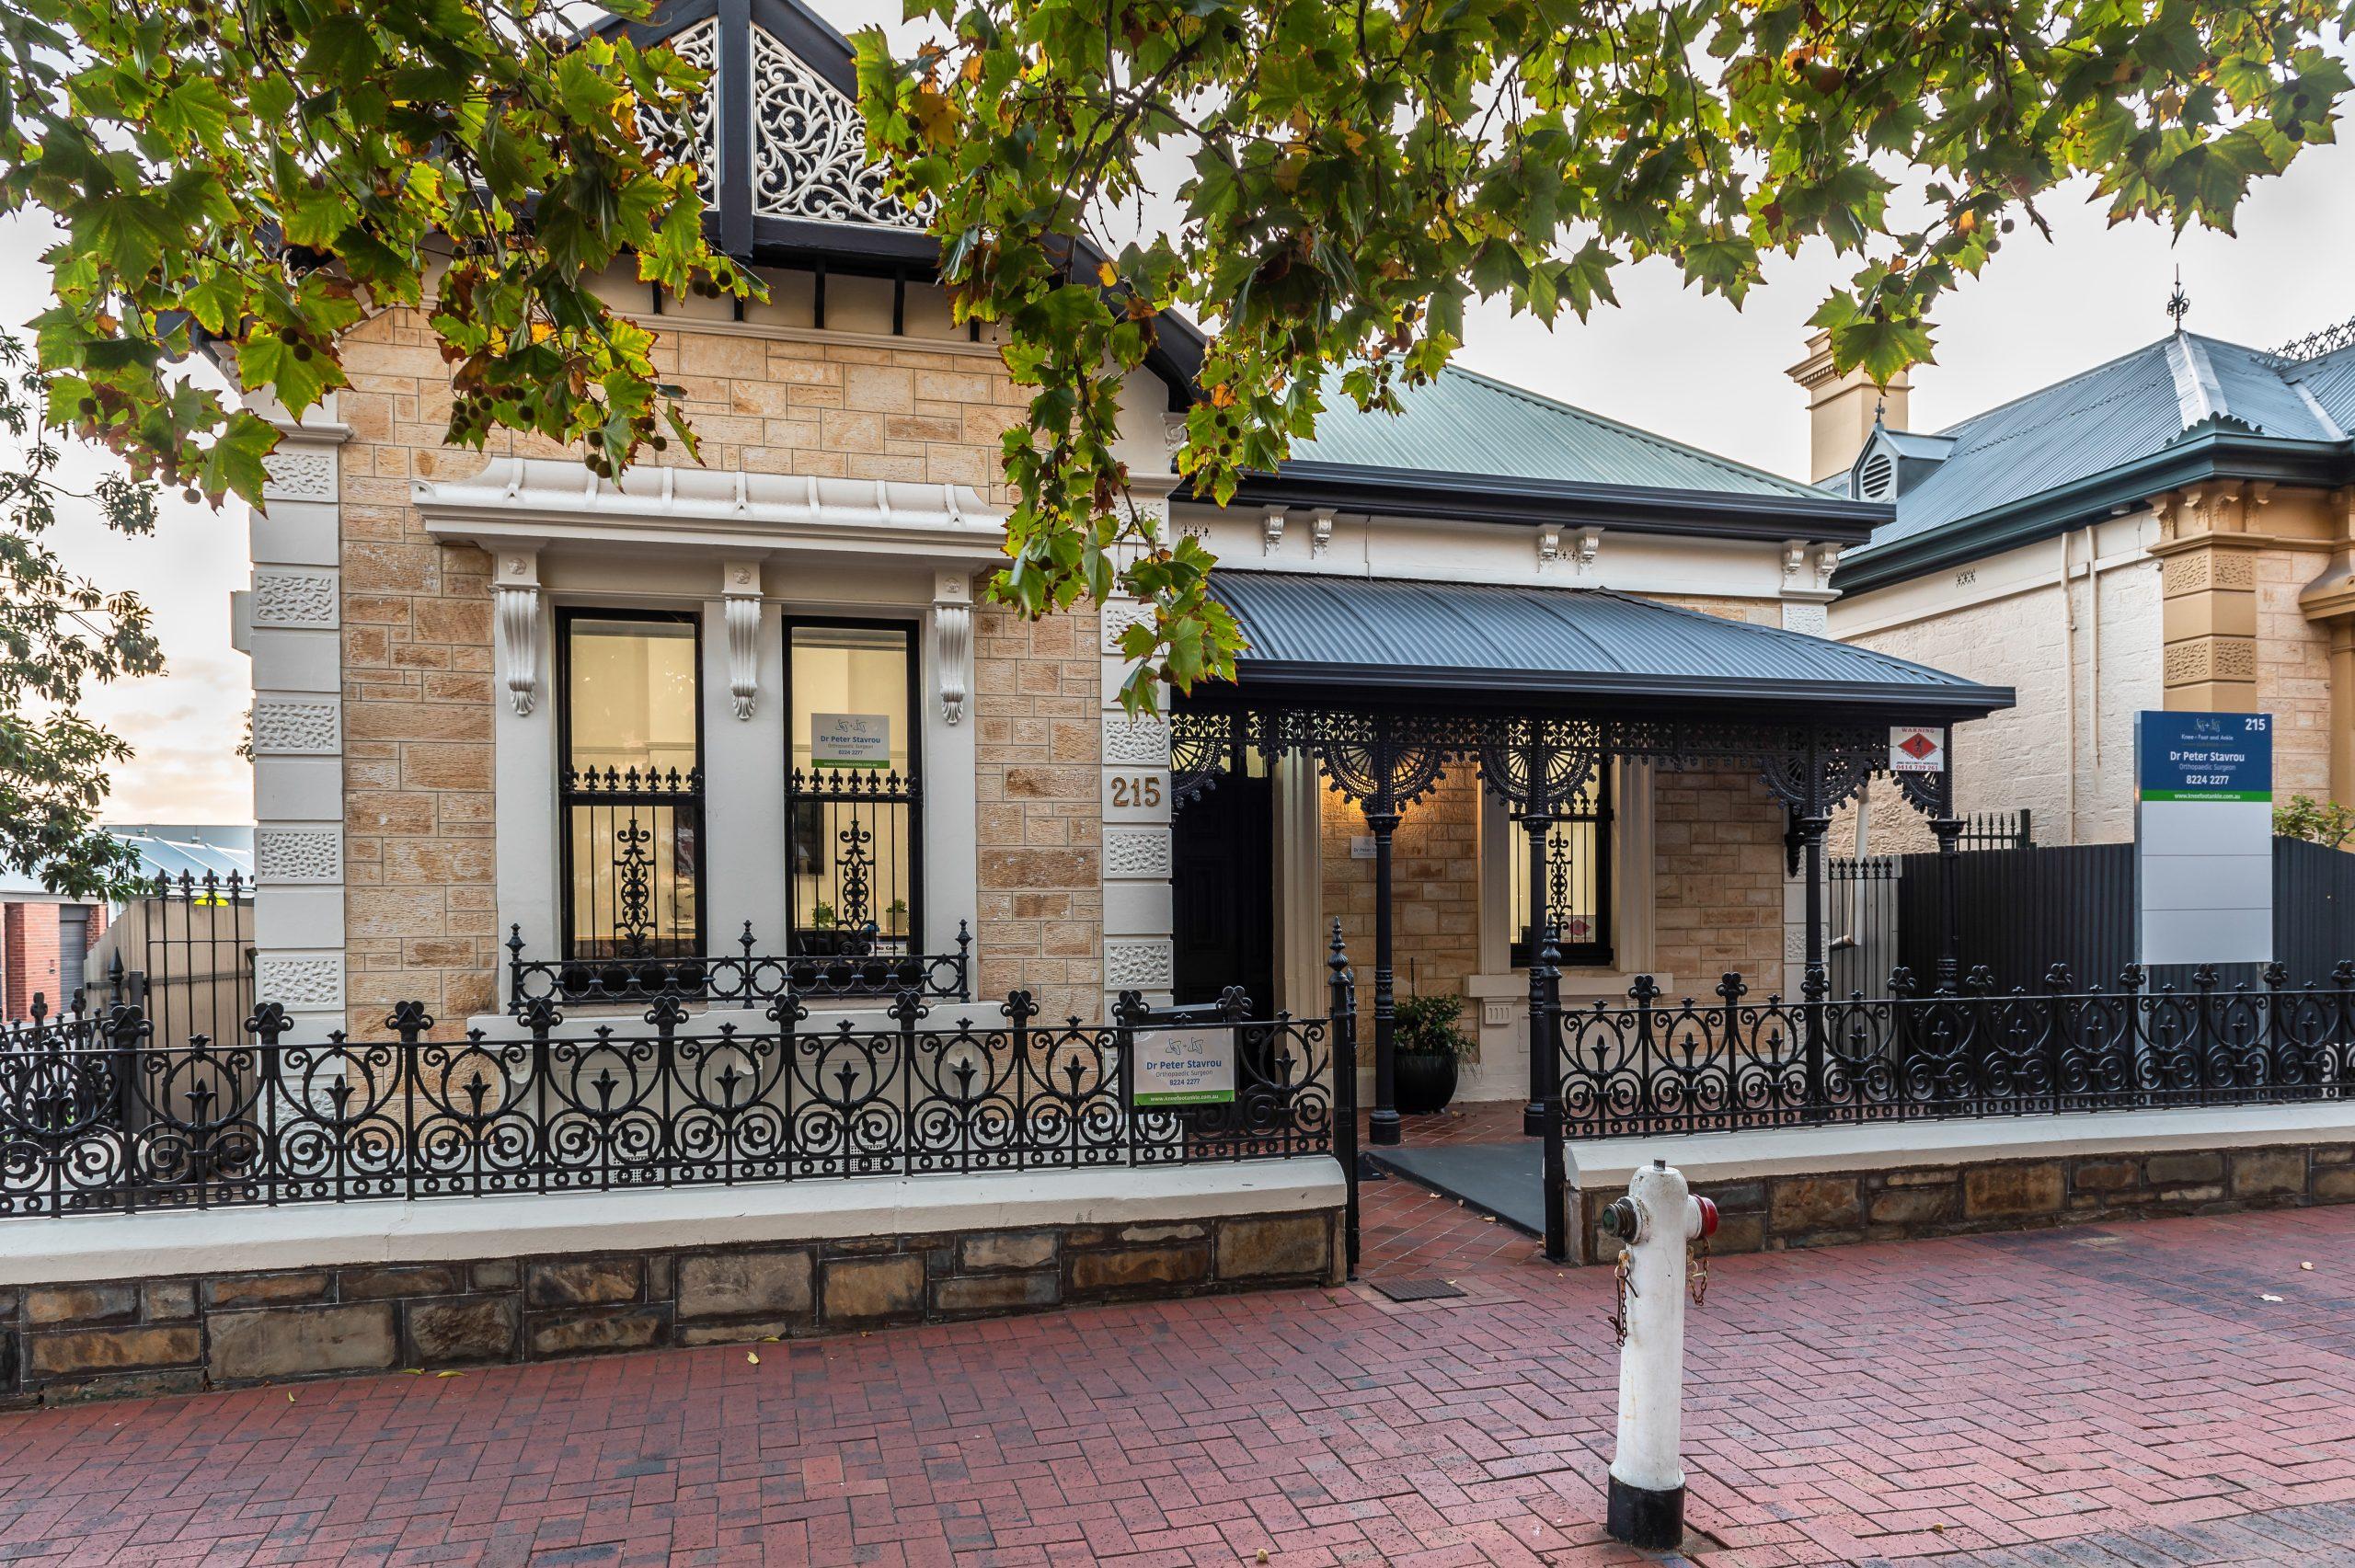 Knee, Ankle & Foot Adelaide: 215 Hutt Street, Adelaide